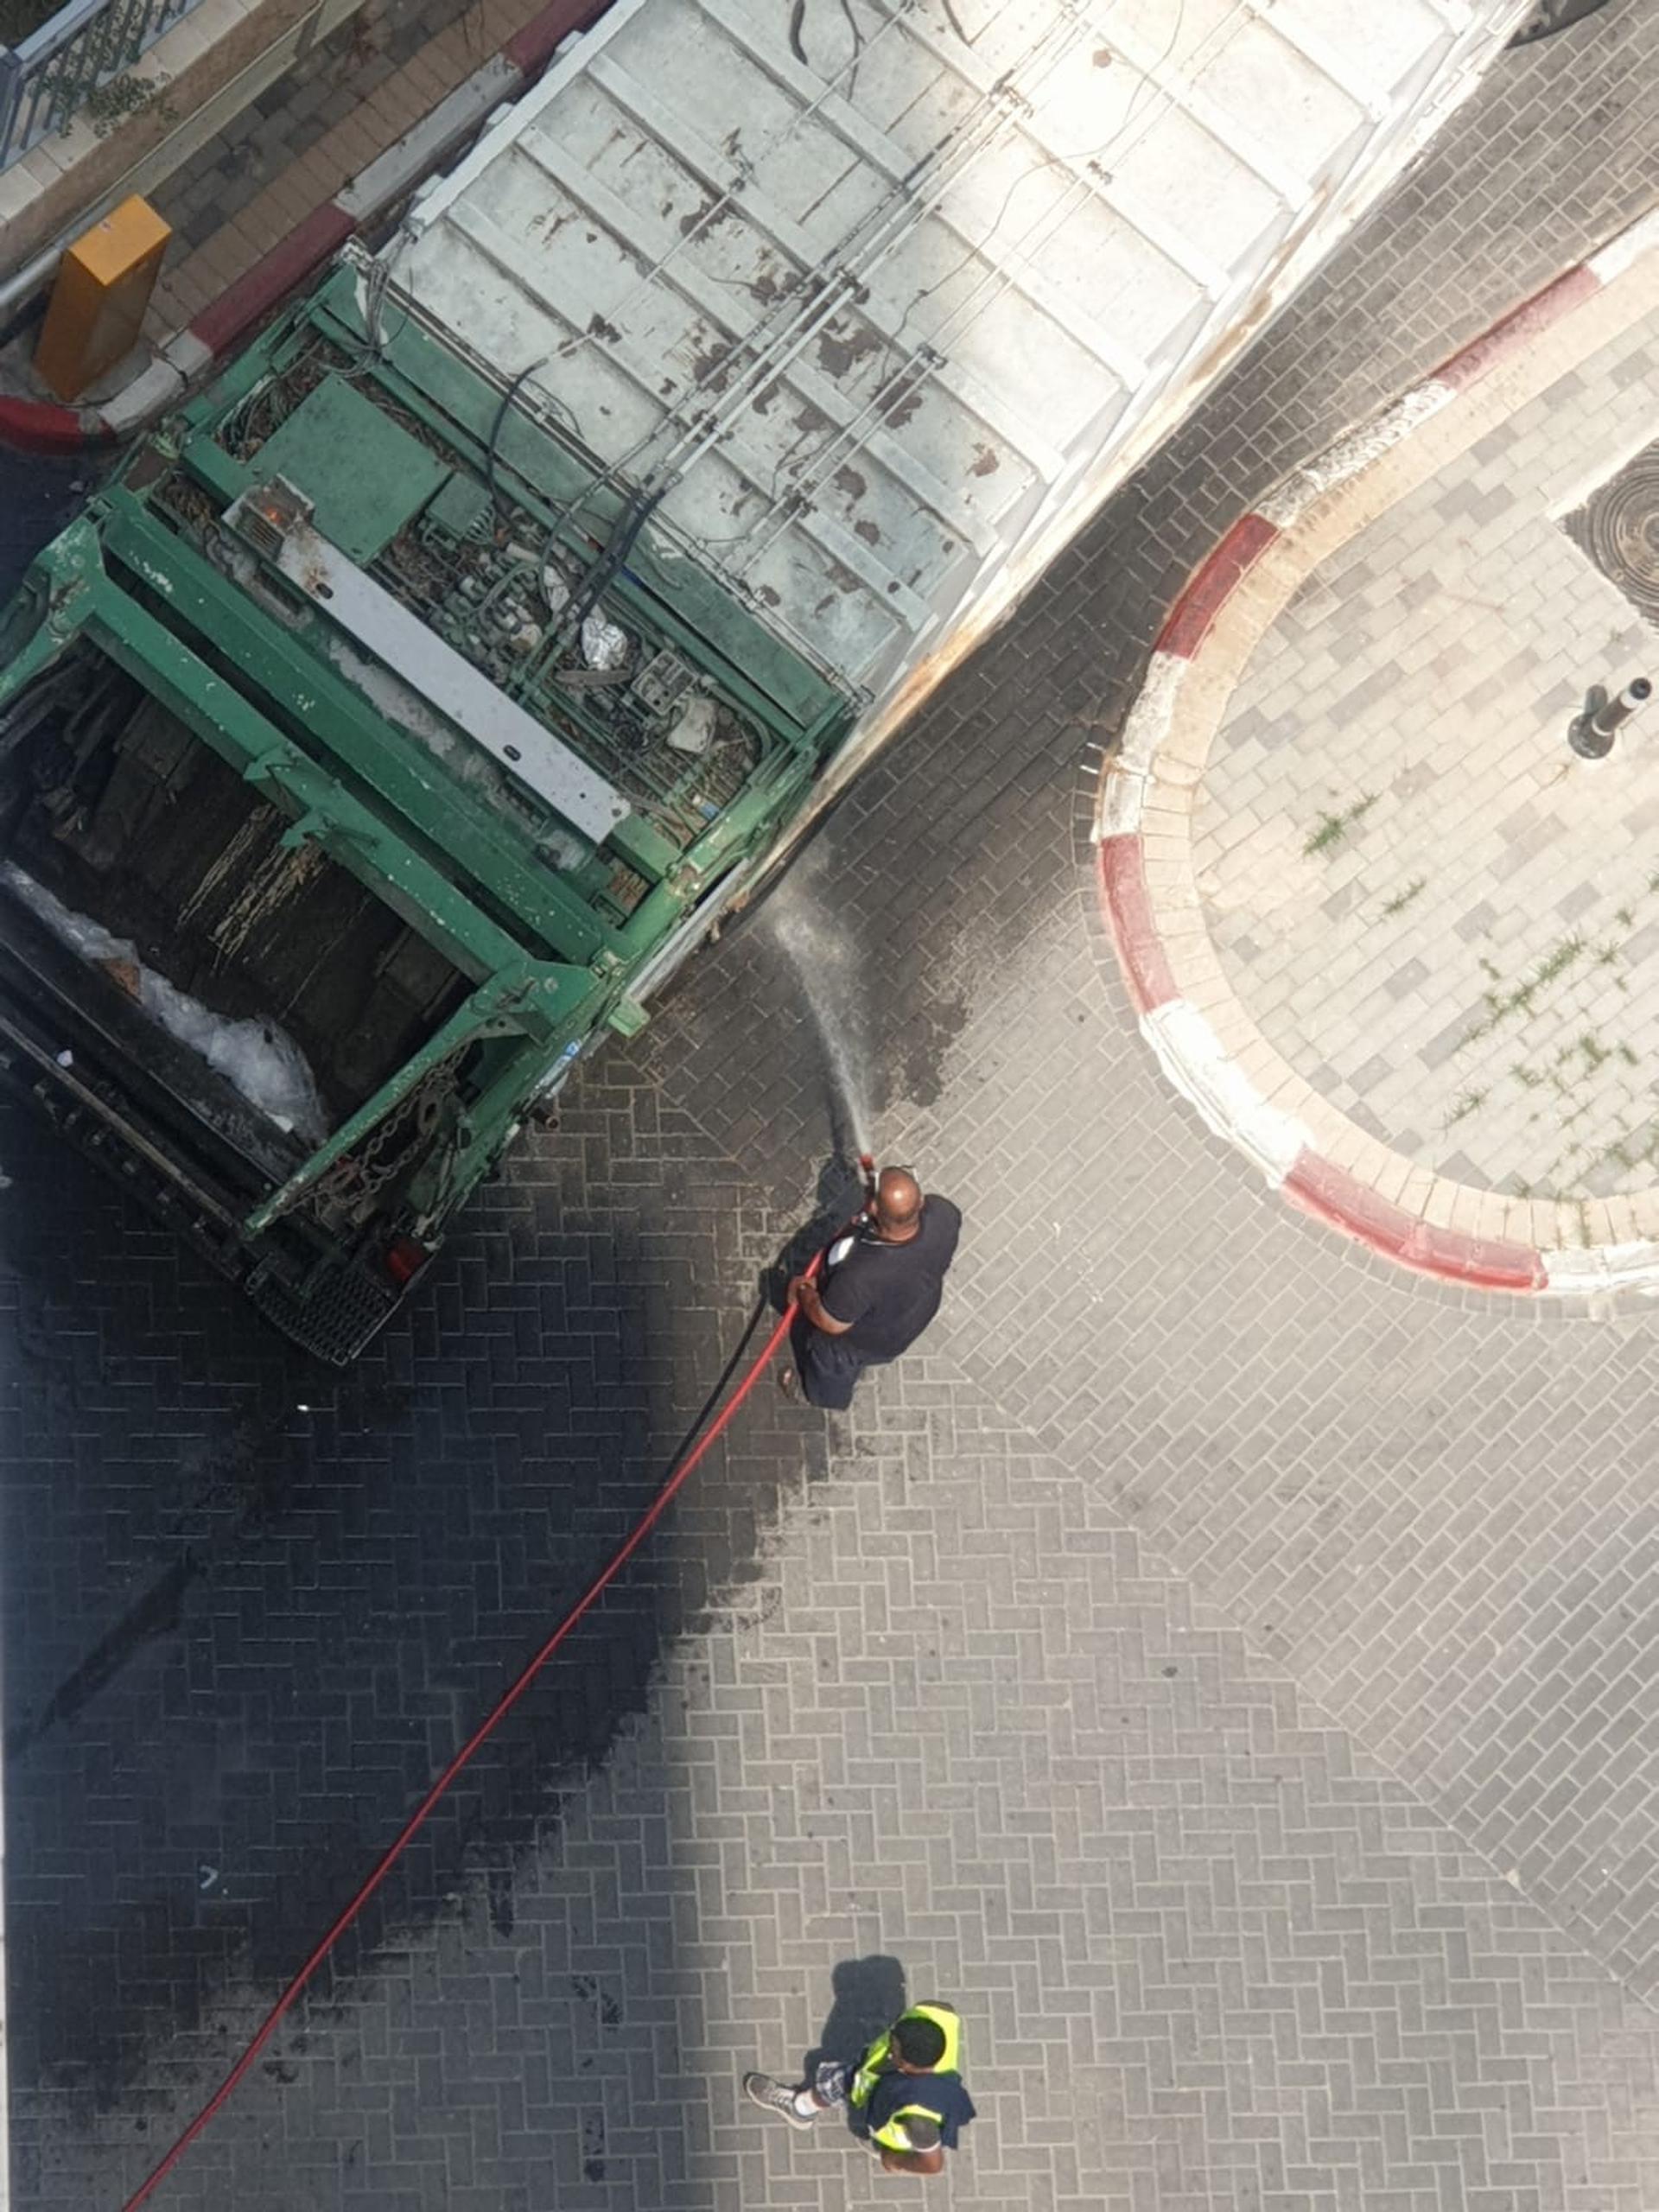 נהג המשאית משתמש במים של הבניין. צילום: באדיבות הדיירים